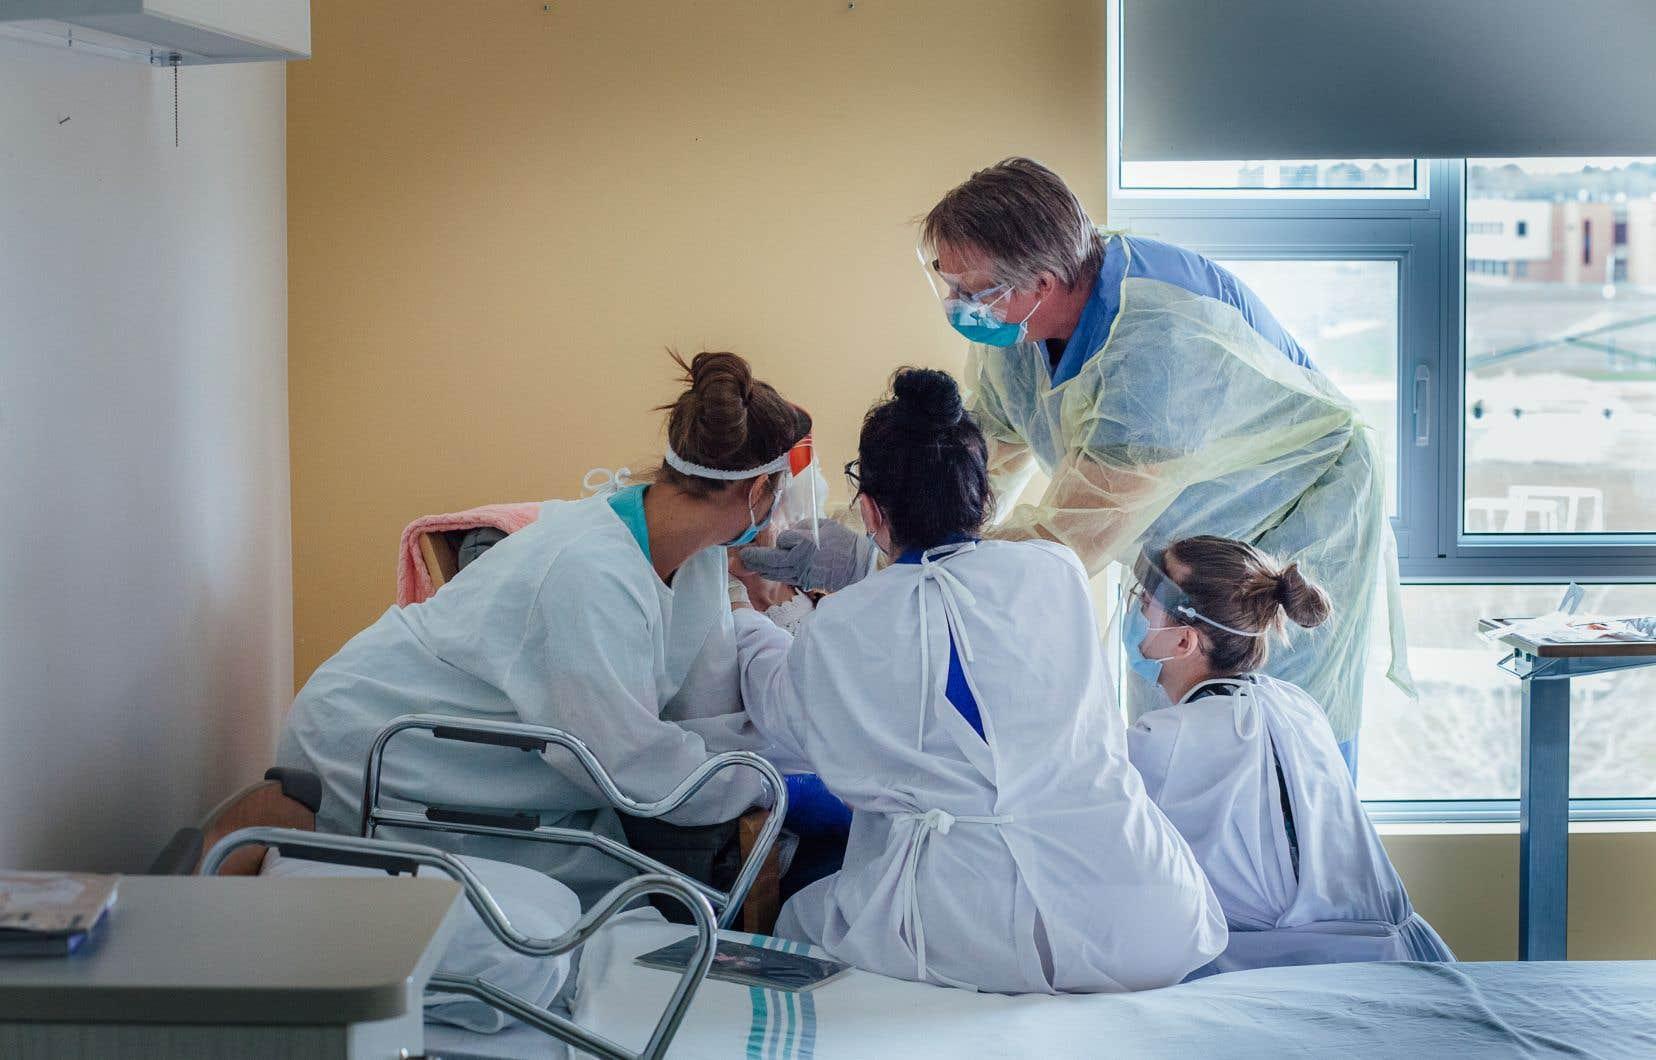 D'ici 2028, quelque 15000 infirmières auxiliaires devront être recrutées pour répondre aux besoins des hôpitaux, des CHSLD et des nouvelles installations comme les maisons des aînés, estime le ministère de la Santé et des Services sociaux dans ses projections.